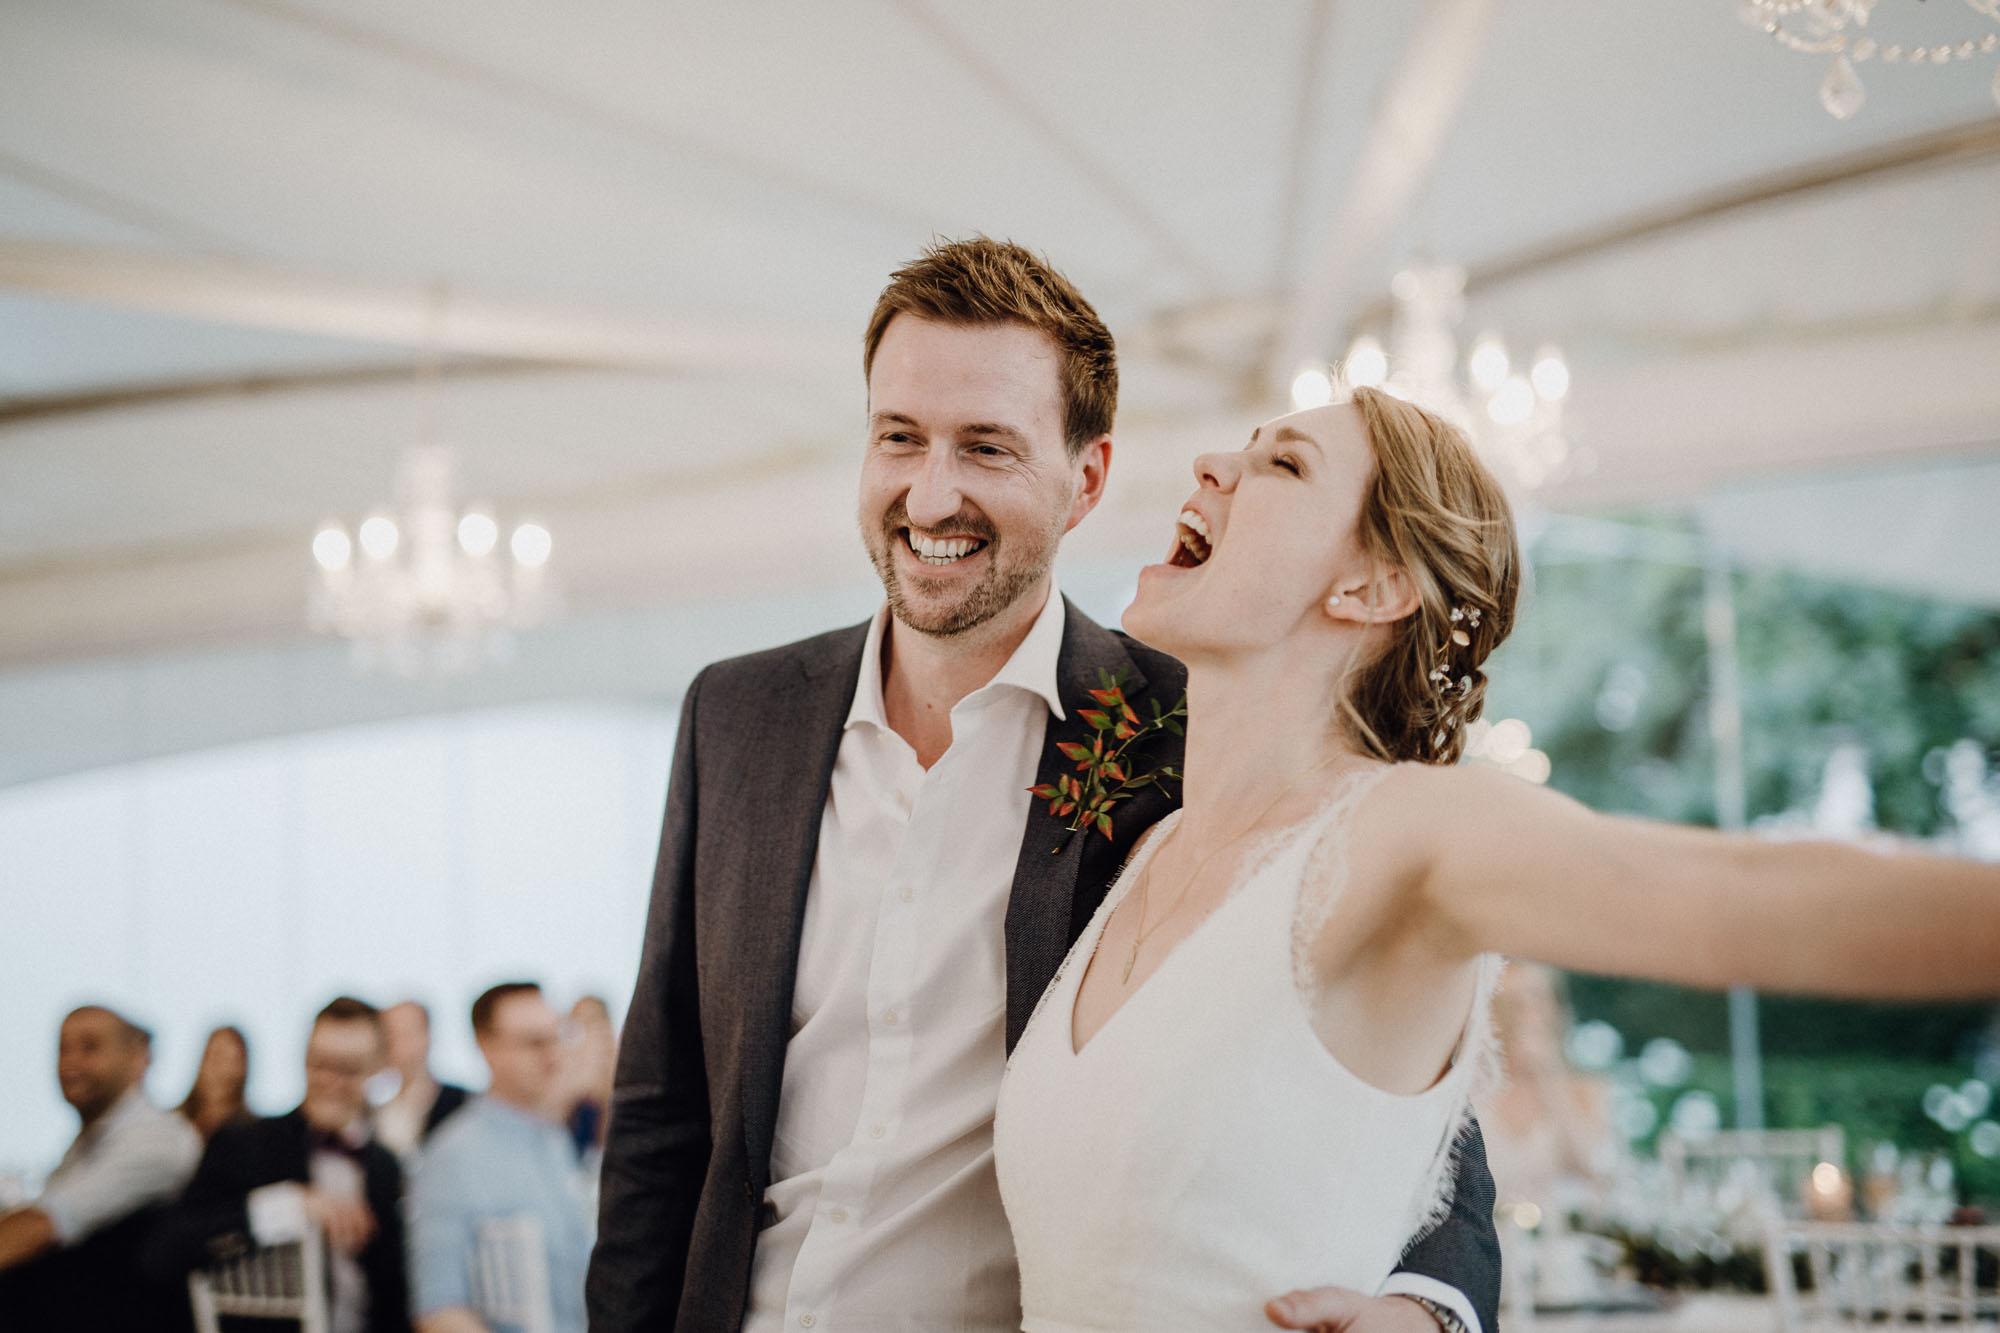 Hochzeitsfotografie by Raissa+Simon. Brautpaar feiert ausgelassen.